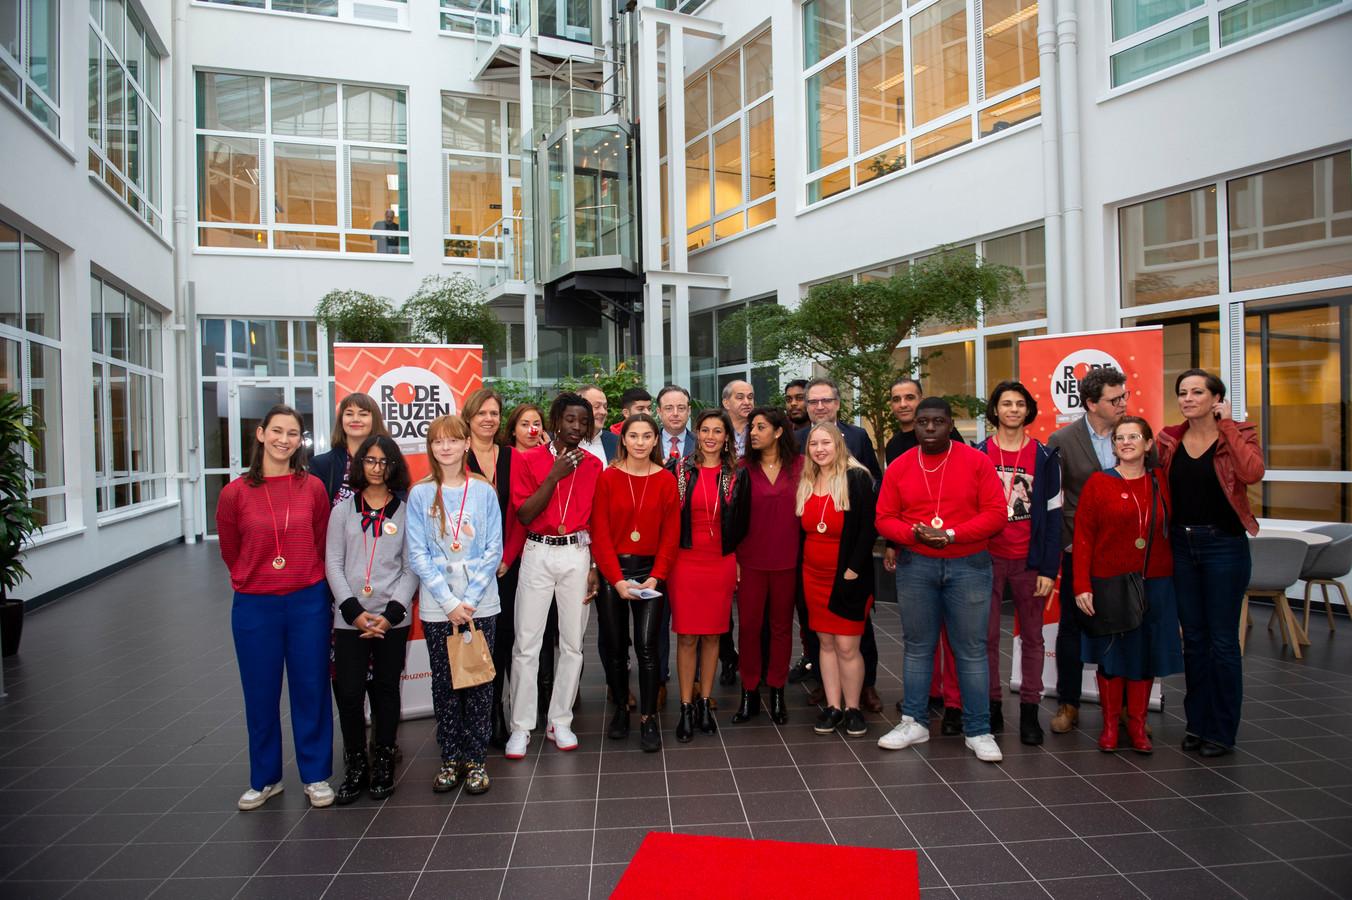 Het schepencollege ontving een delegatie van het Stedelijk Lyceum Cadix